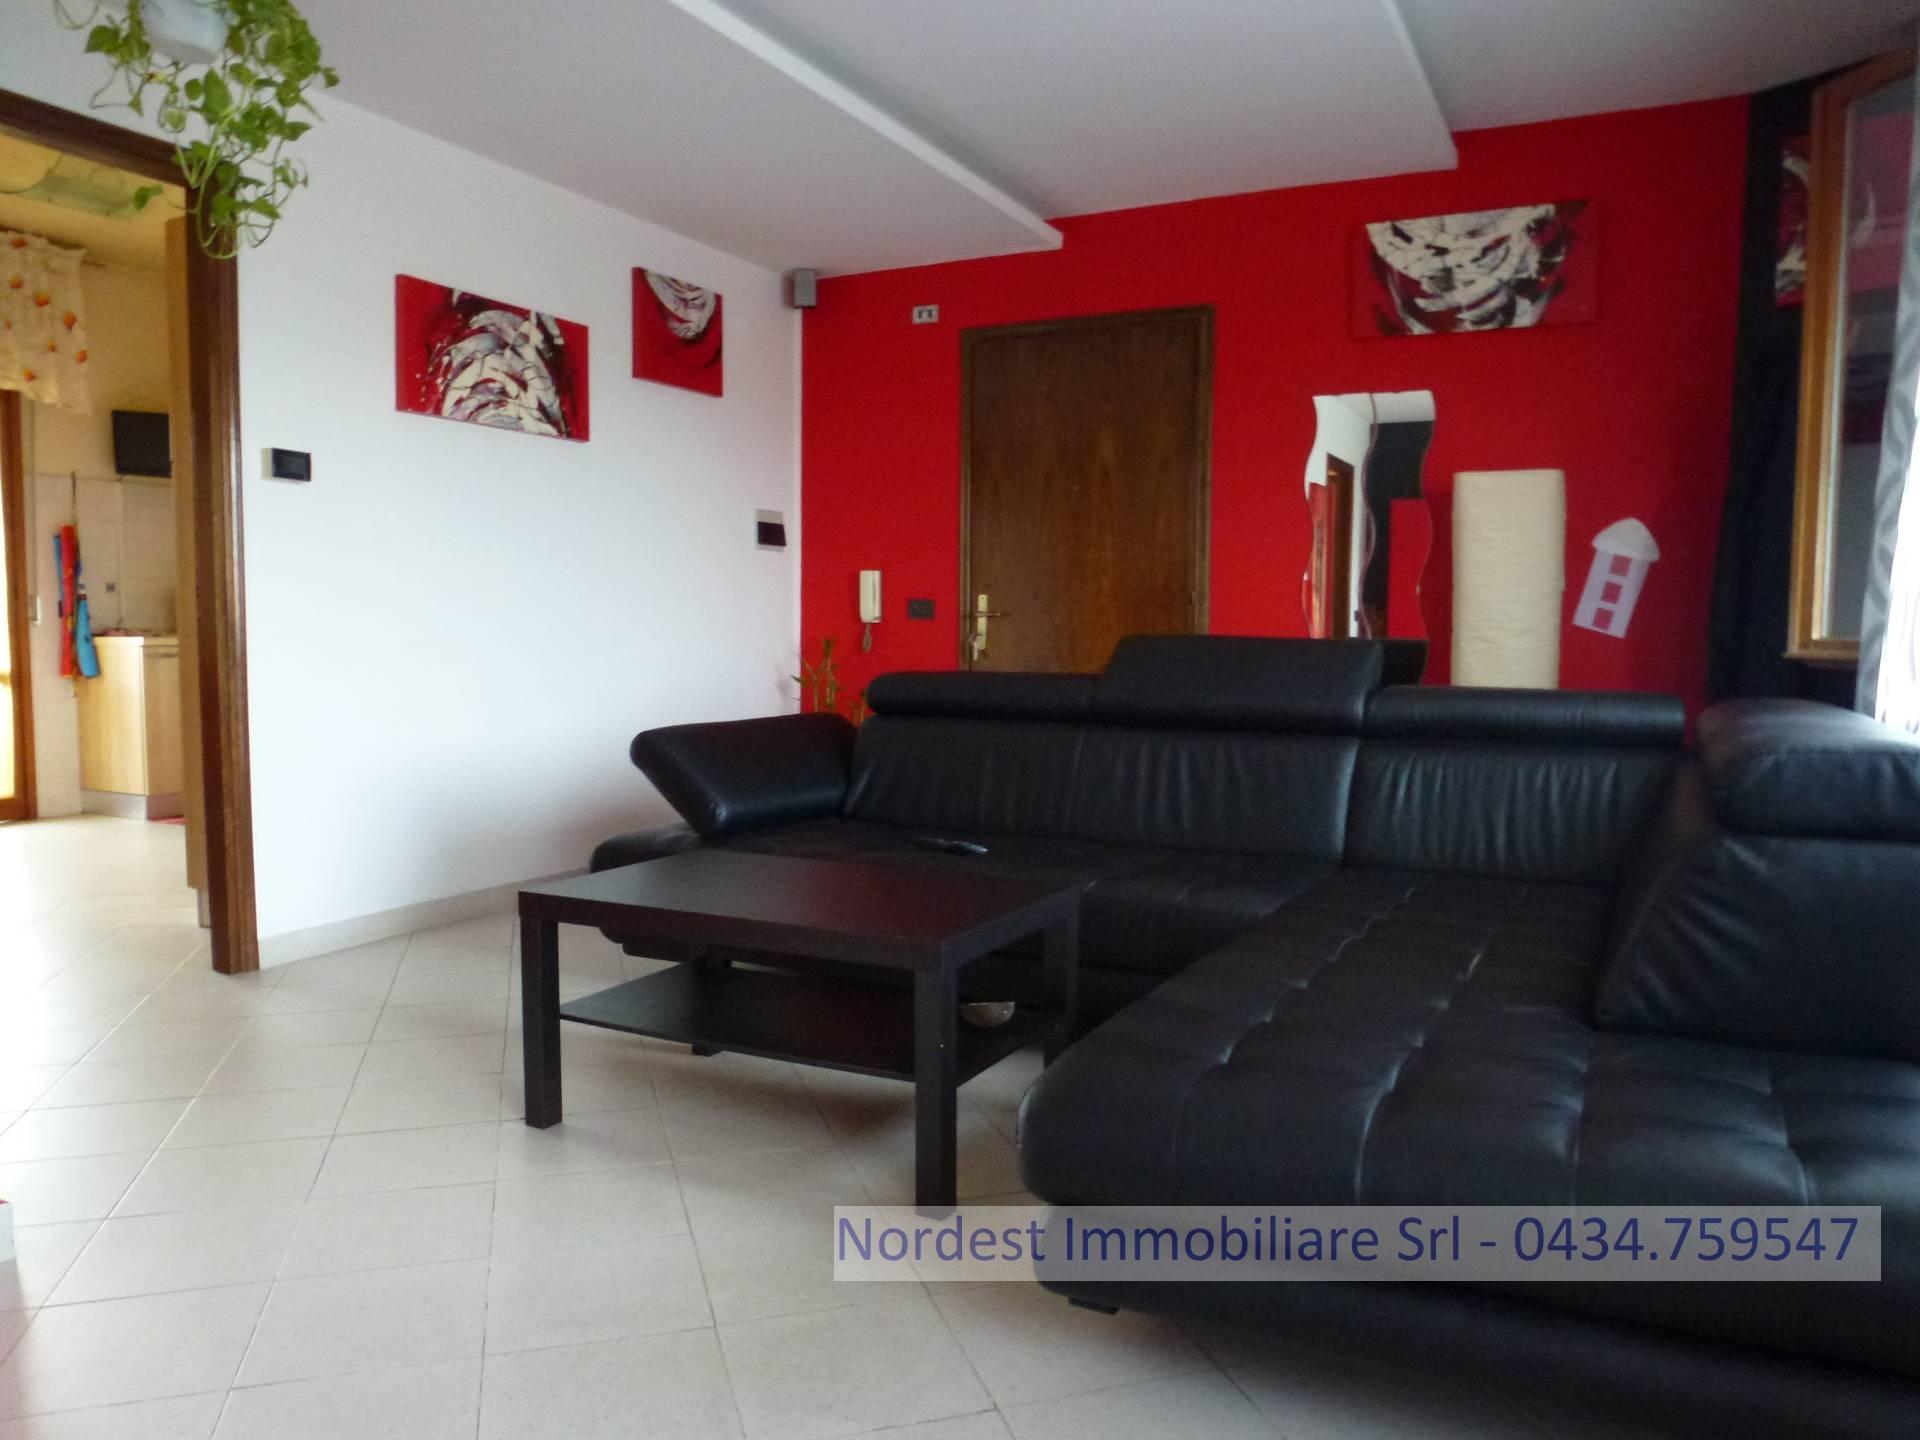 Appartamento in vendita a Brugnera, 9999 locali, prezzo € 85.000 | PortaleAgenzieImmobiliari.it